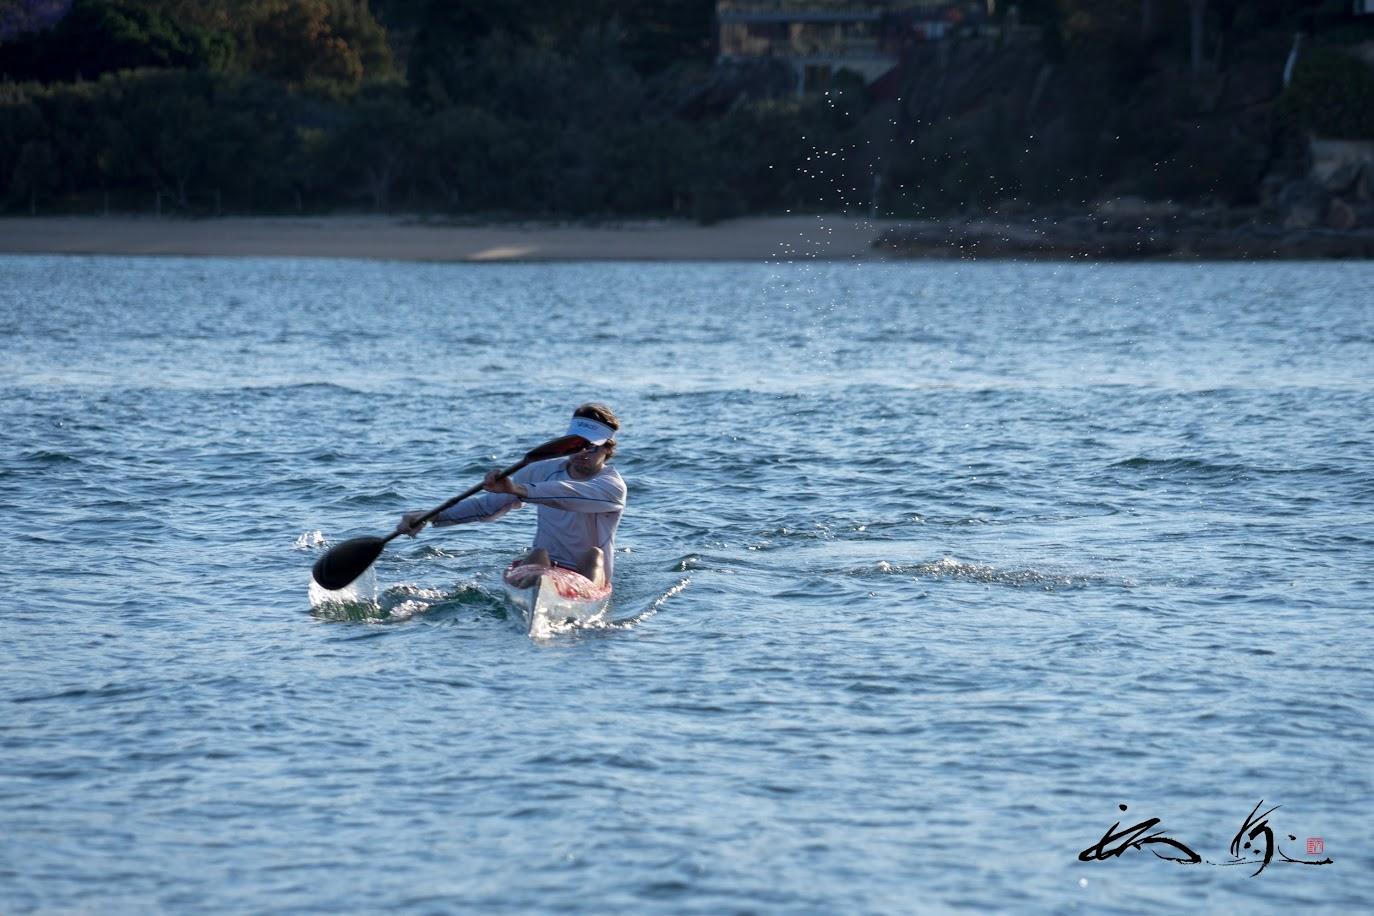 波に乗るカヌー